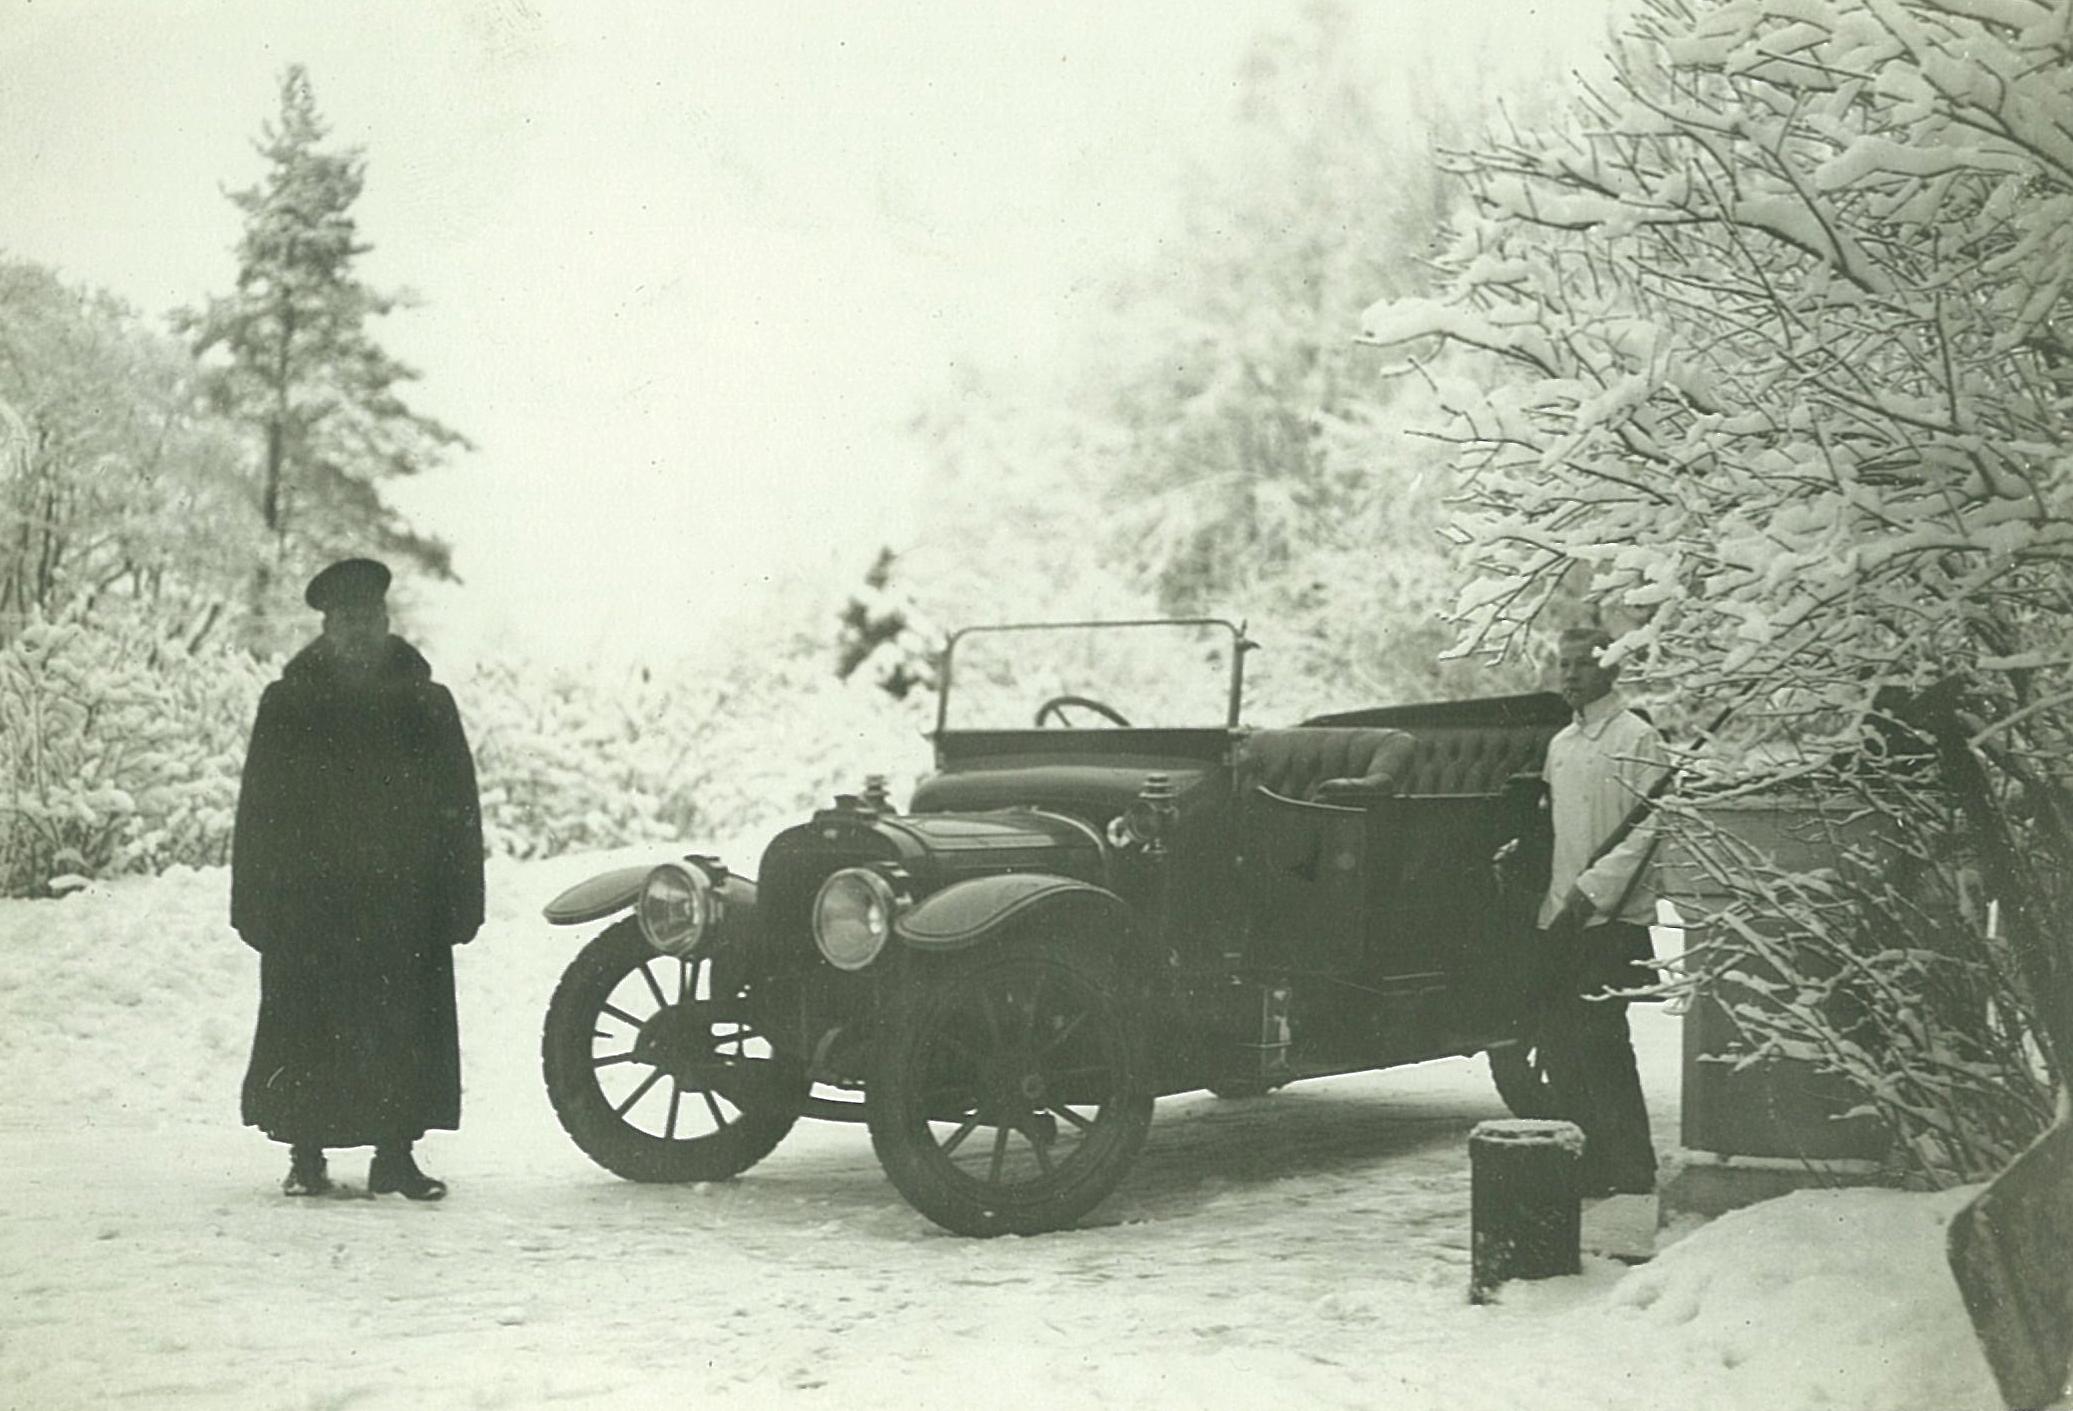 Автомобиль Всеволожских бельгийской марки «Пип» перед главным фасадом усадебного дома в Рябово